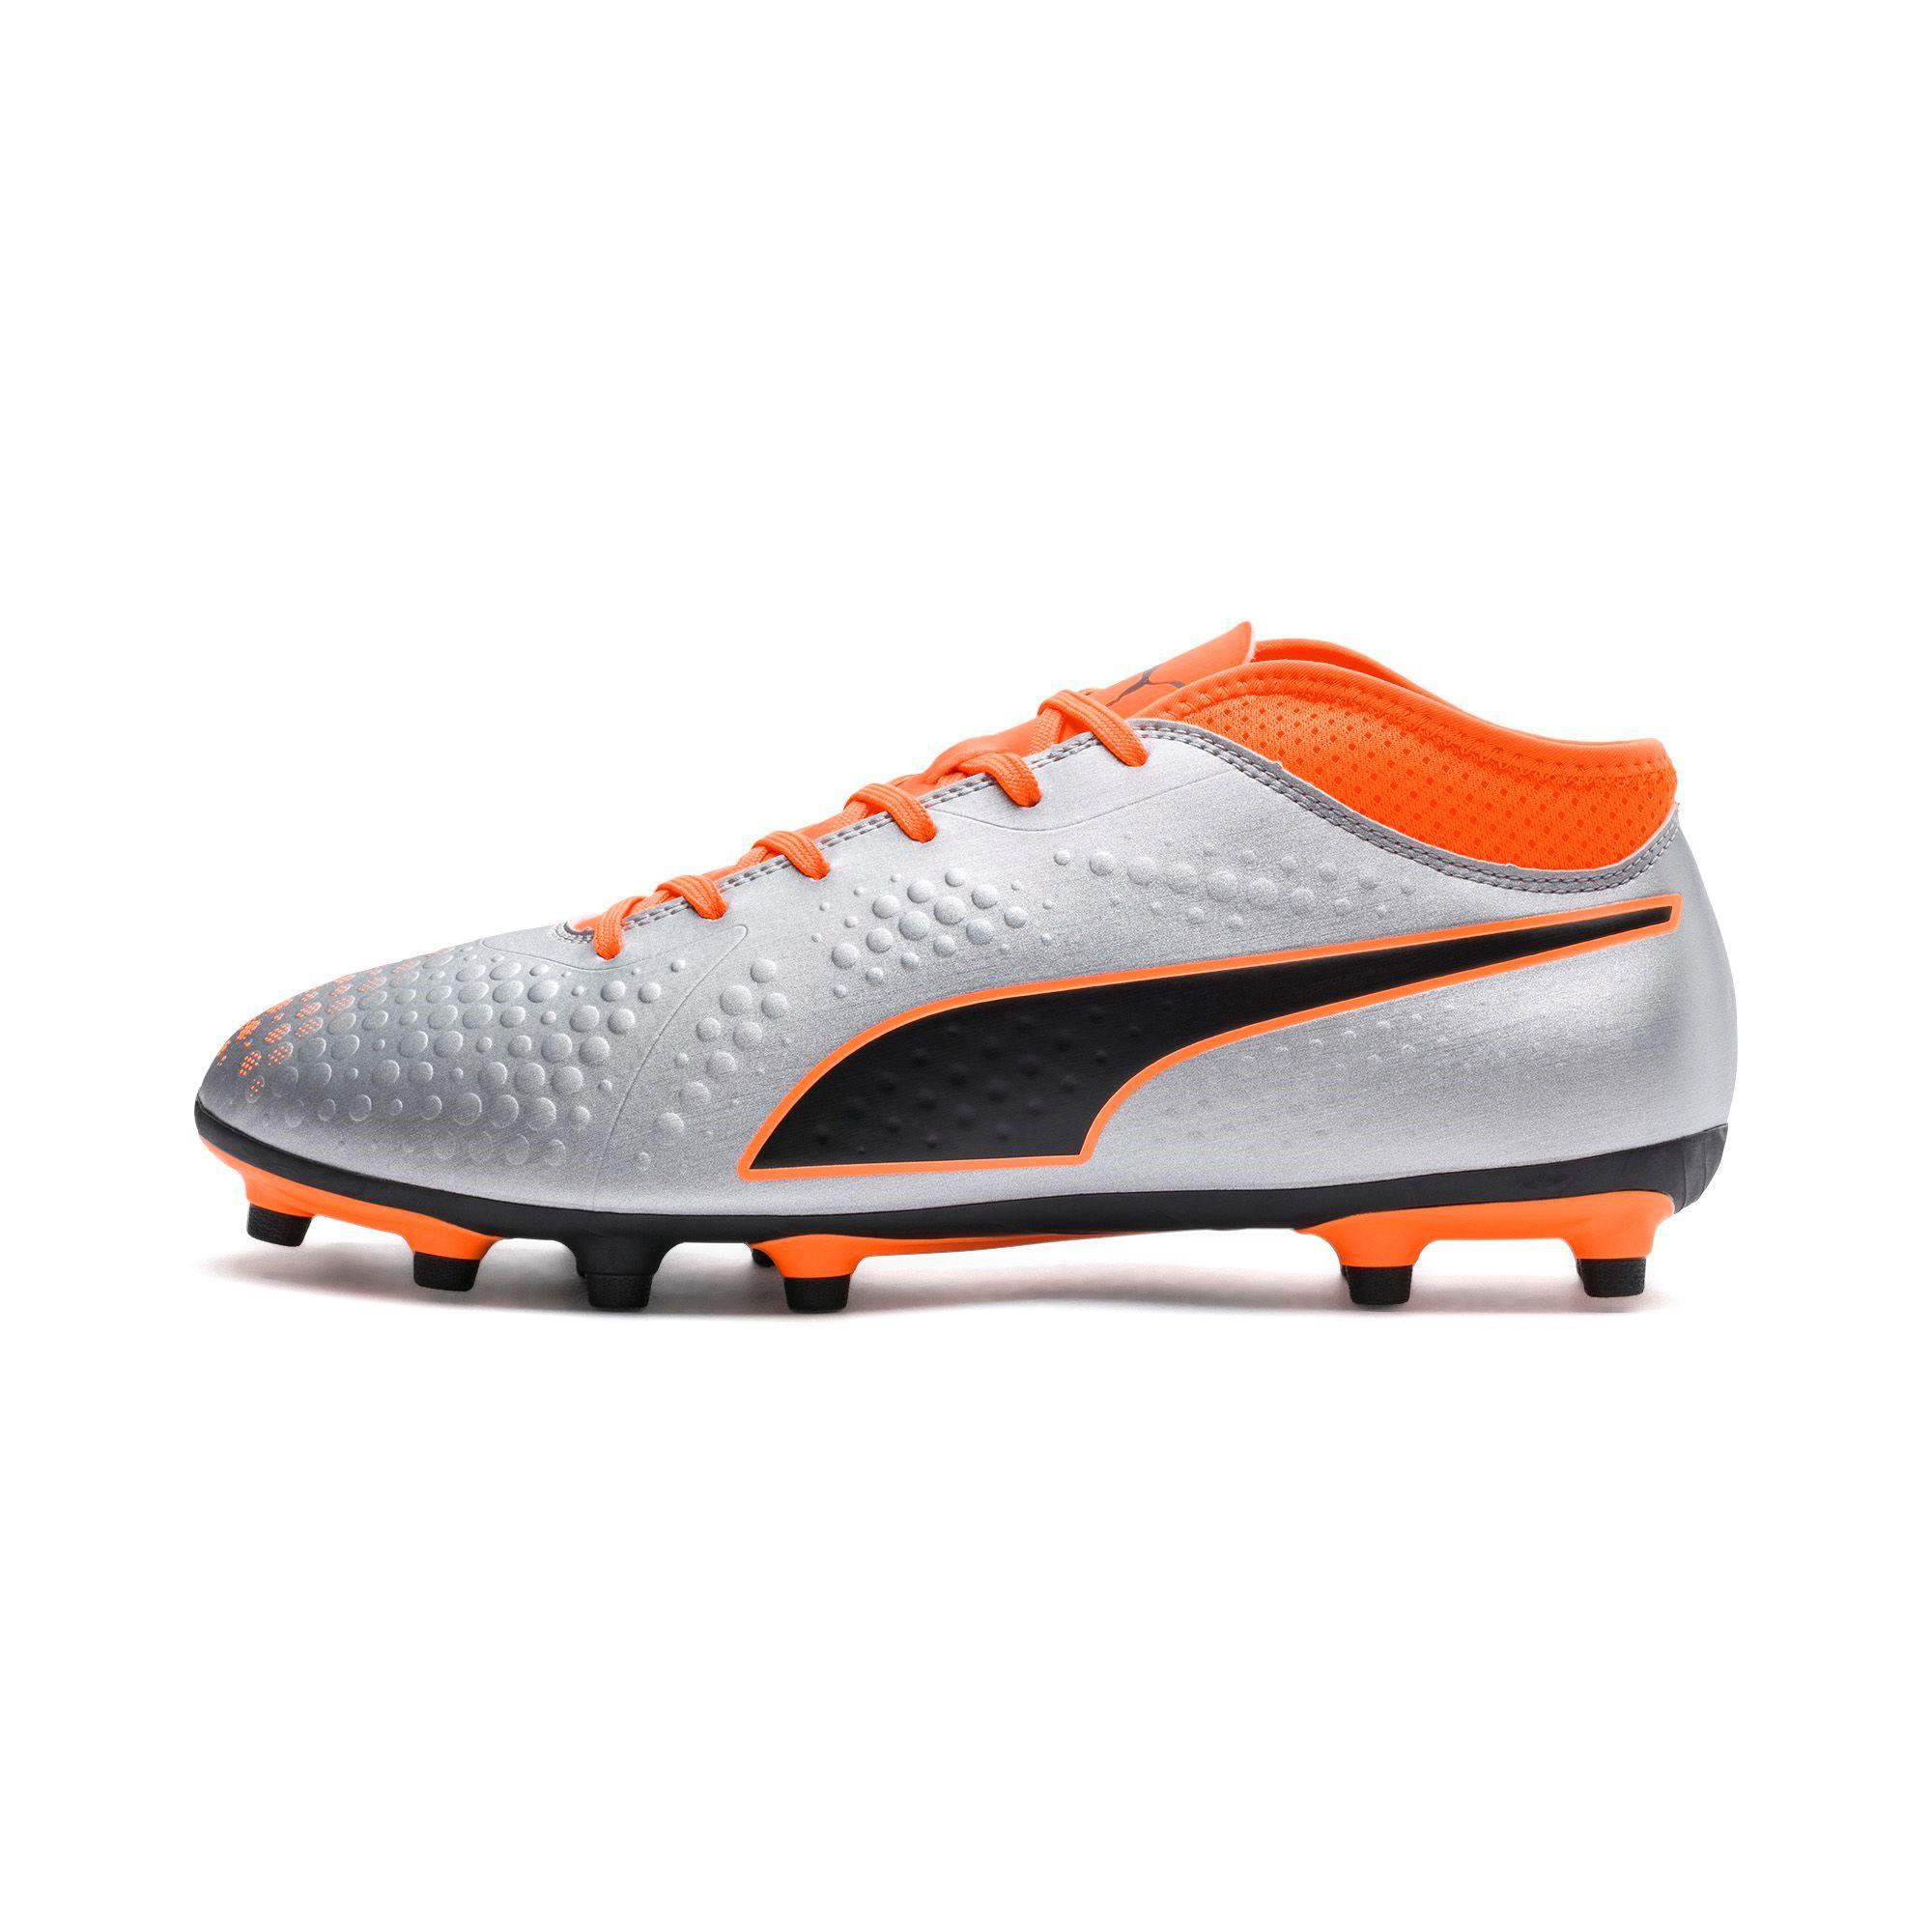 Puma Scarpe Calcio One 4 Syn Fg